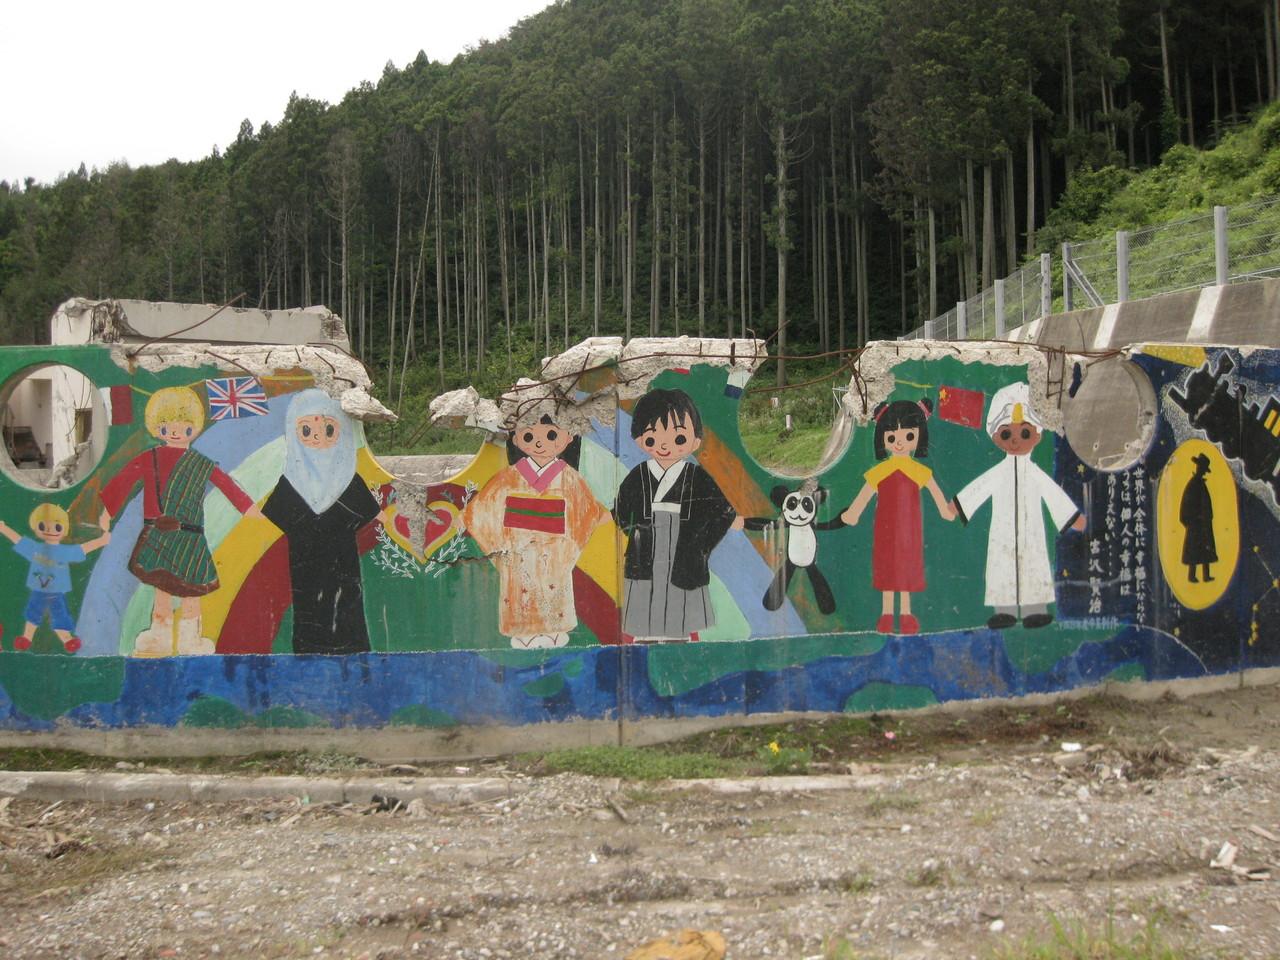 舞台壁に描かれた世界平和のメッセージを伝える児童たちの絵。